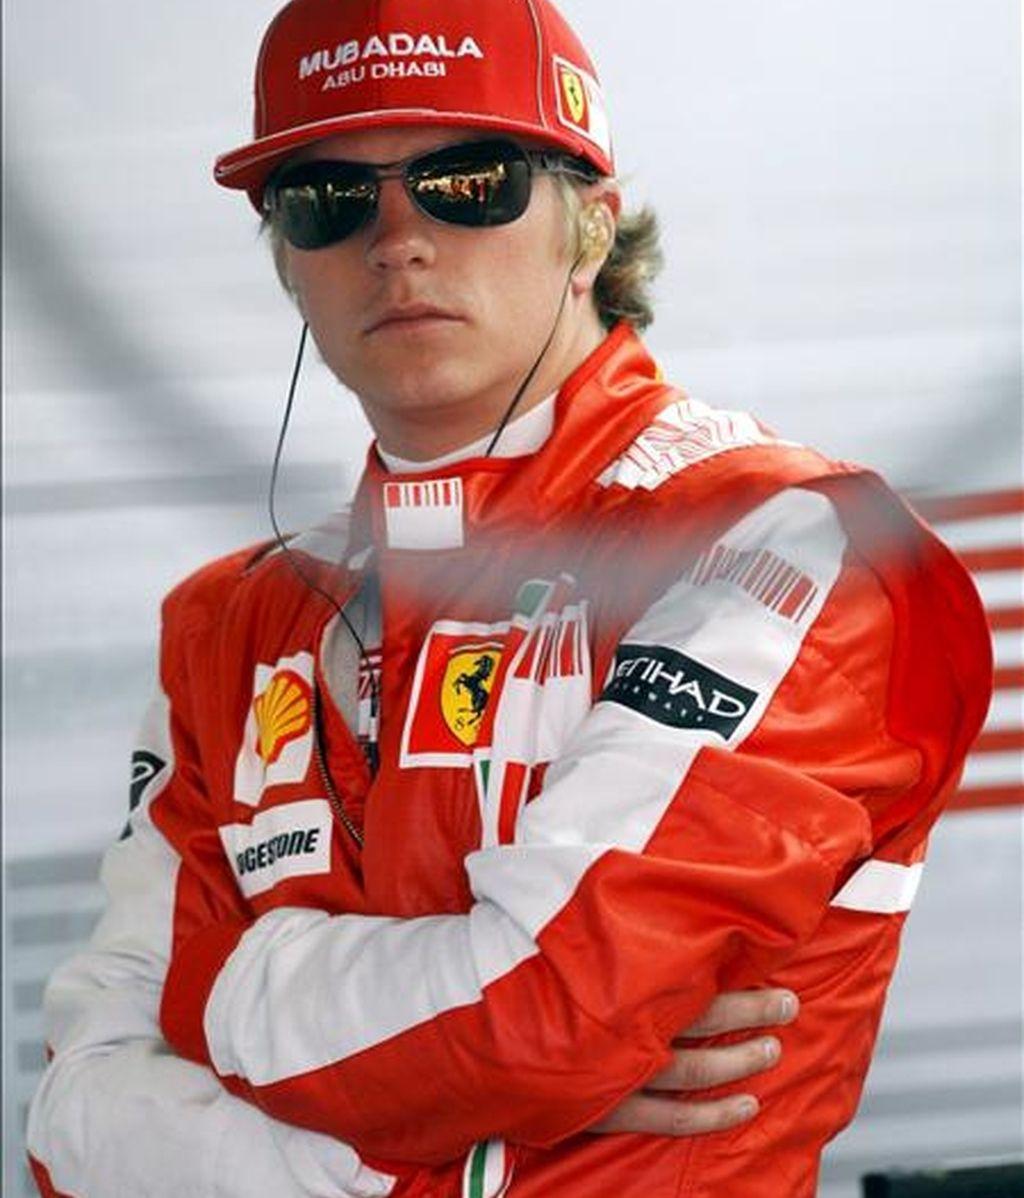 El piloto finlandés Kimi Raikkonen, de la escudería Ferrari. EFE/Archivo